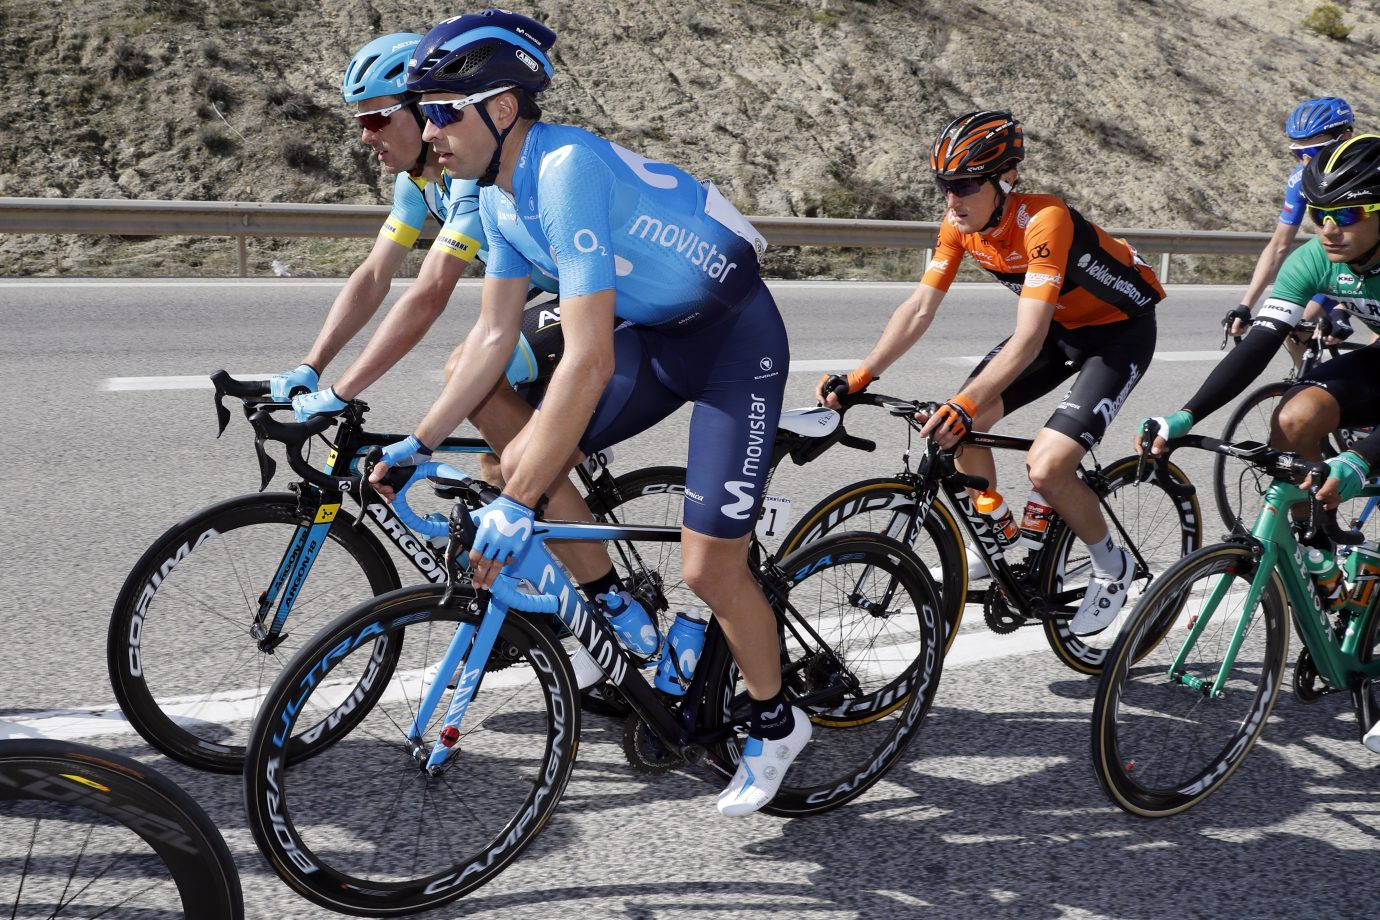 Movistar presentará un equipo potente, en la que apostará por su líder desde el primer día, donde afrontará una crono por escuadras de más de 20 kilómetros. (Foto: Gómez Sport)